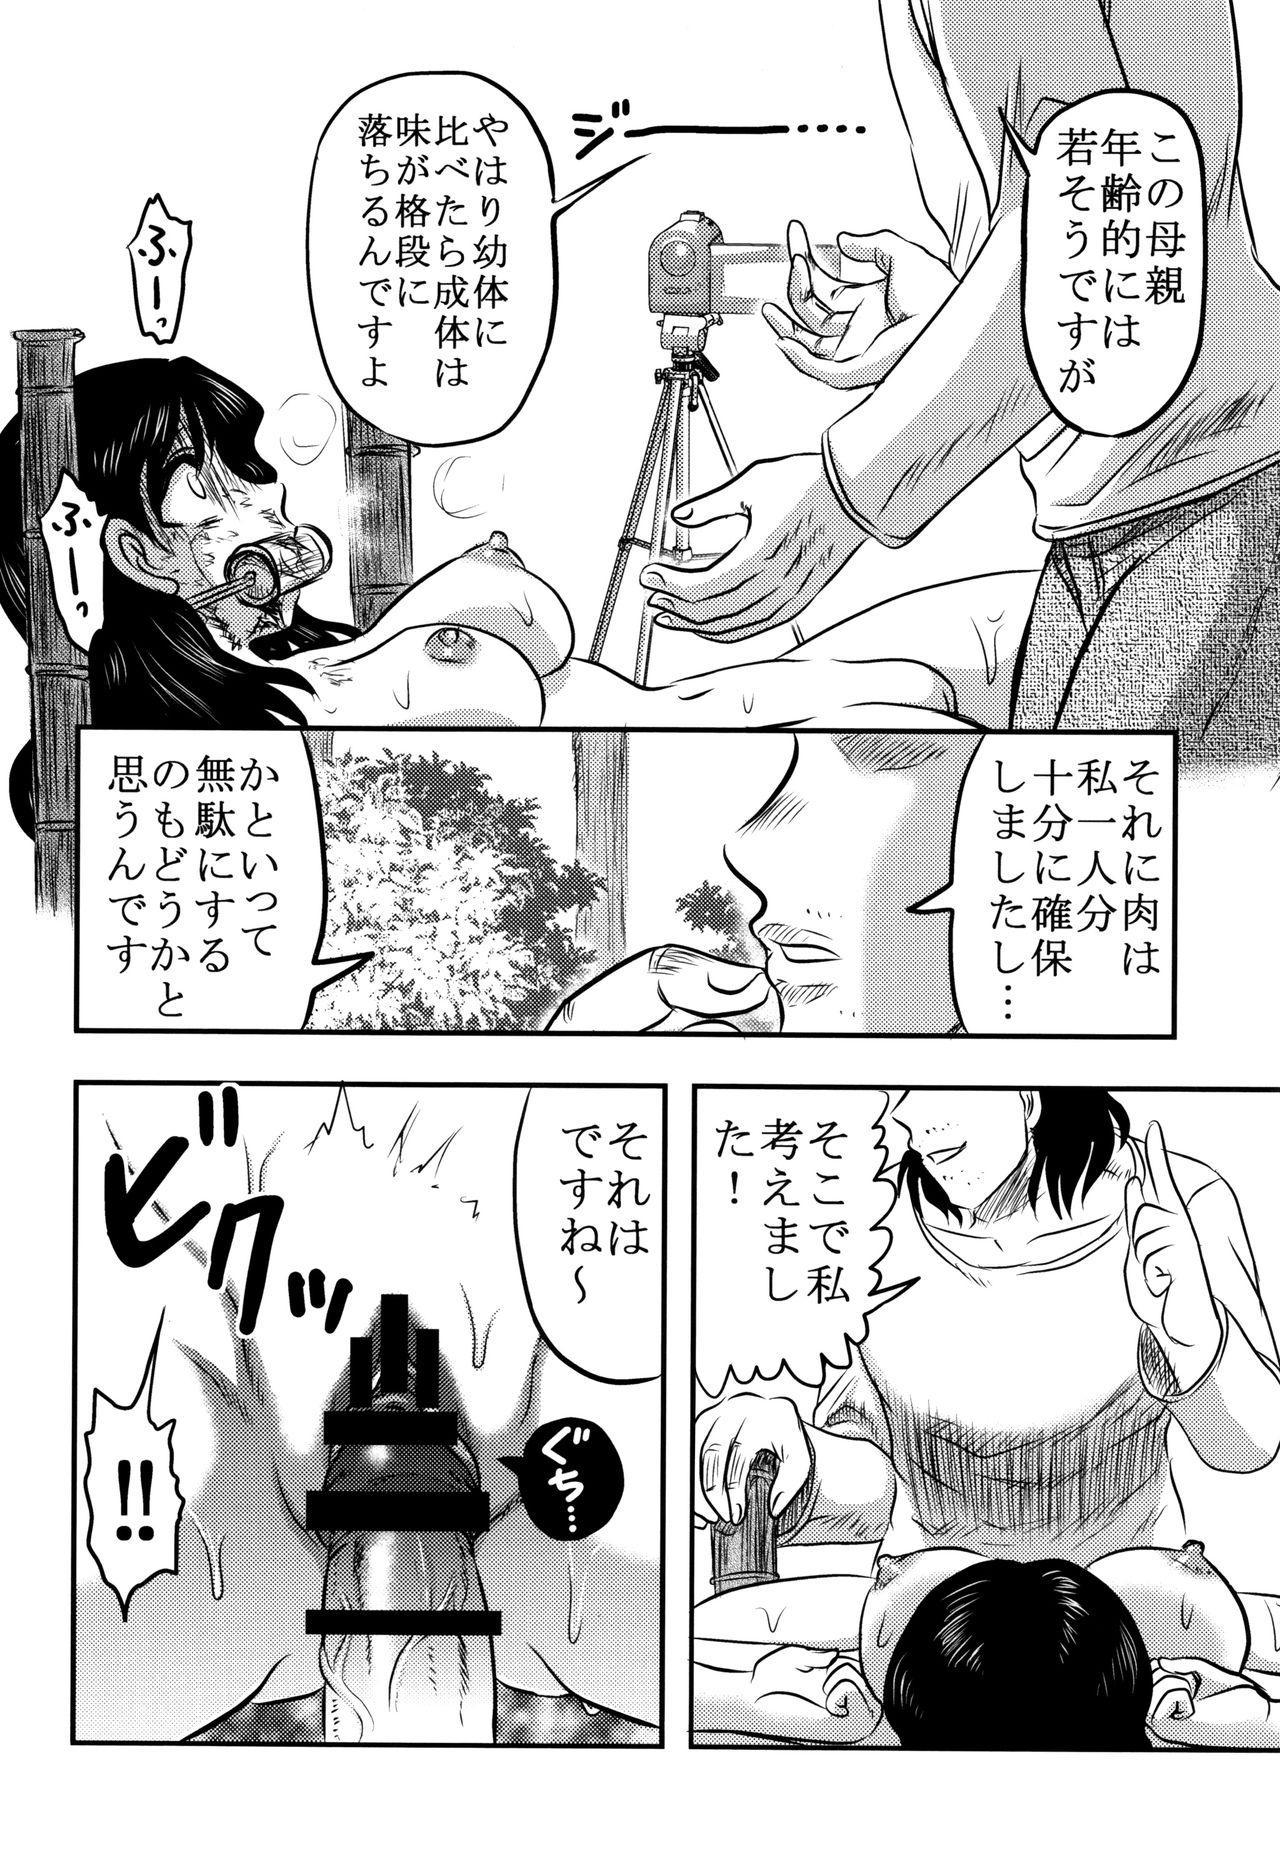 Chishigoyomi 28